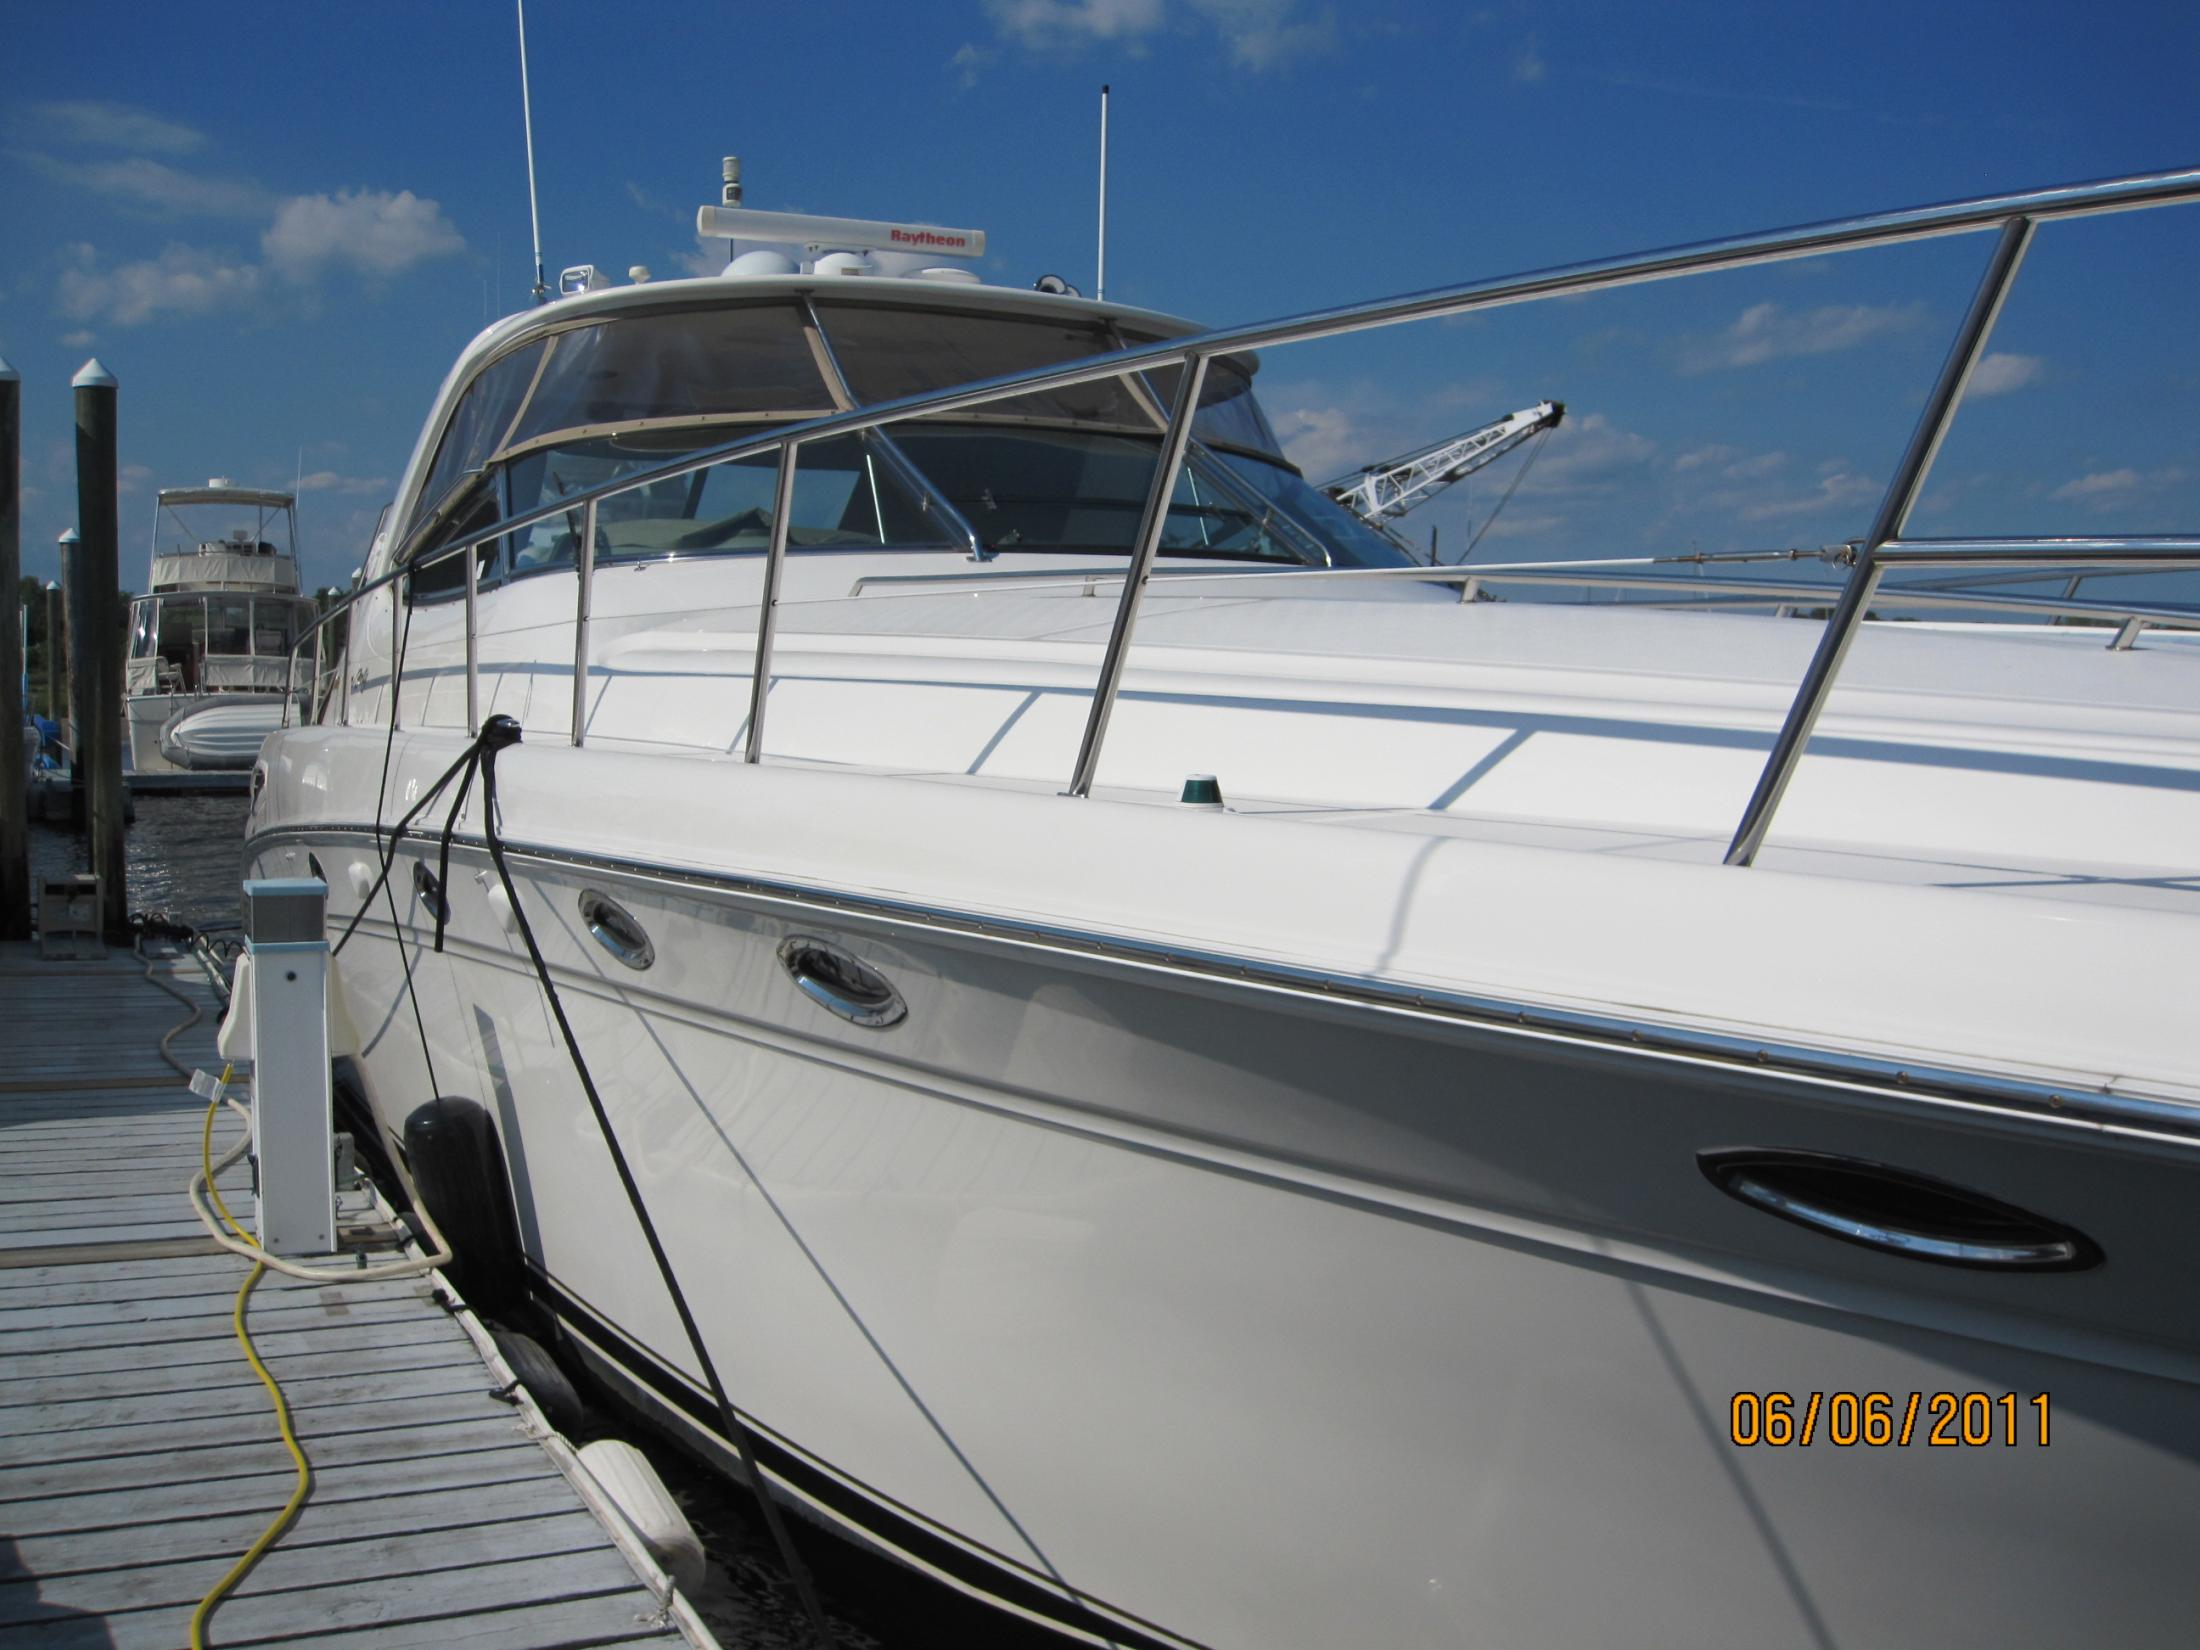 Sea Ray 540 Sundancer, Warwick, RI